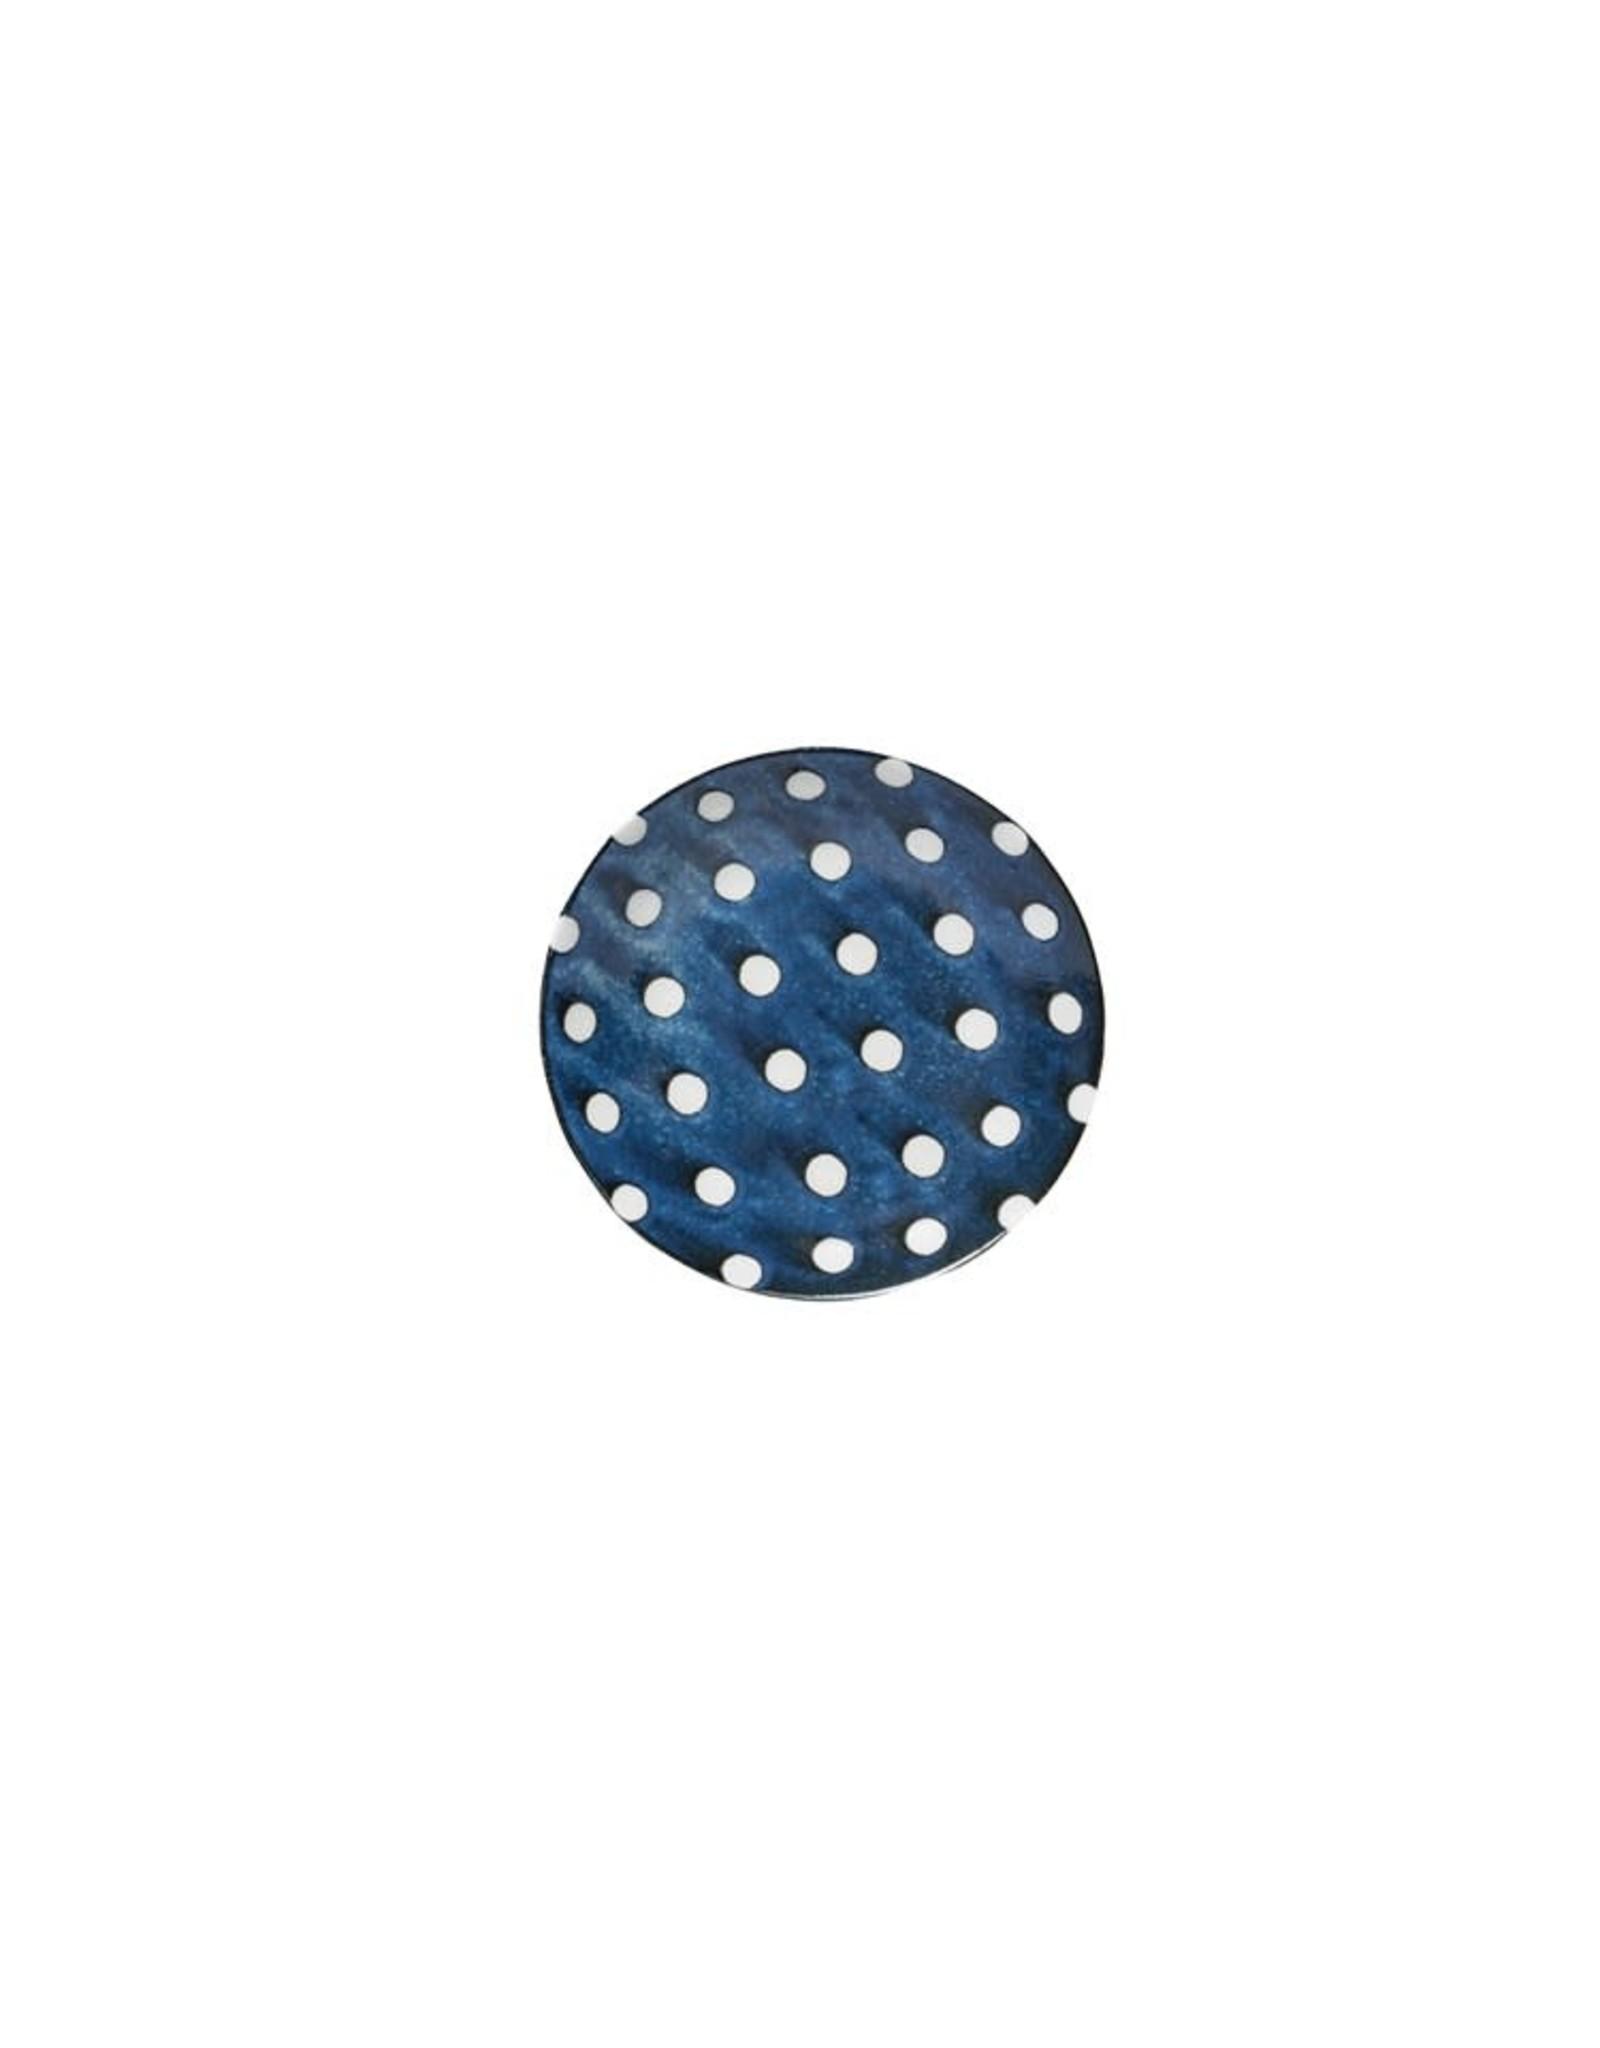 """Creative Co-op 8 3/4"""" Porcelain Bowl Blue w/White Polka Dots"""